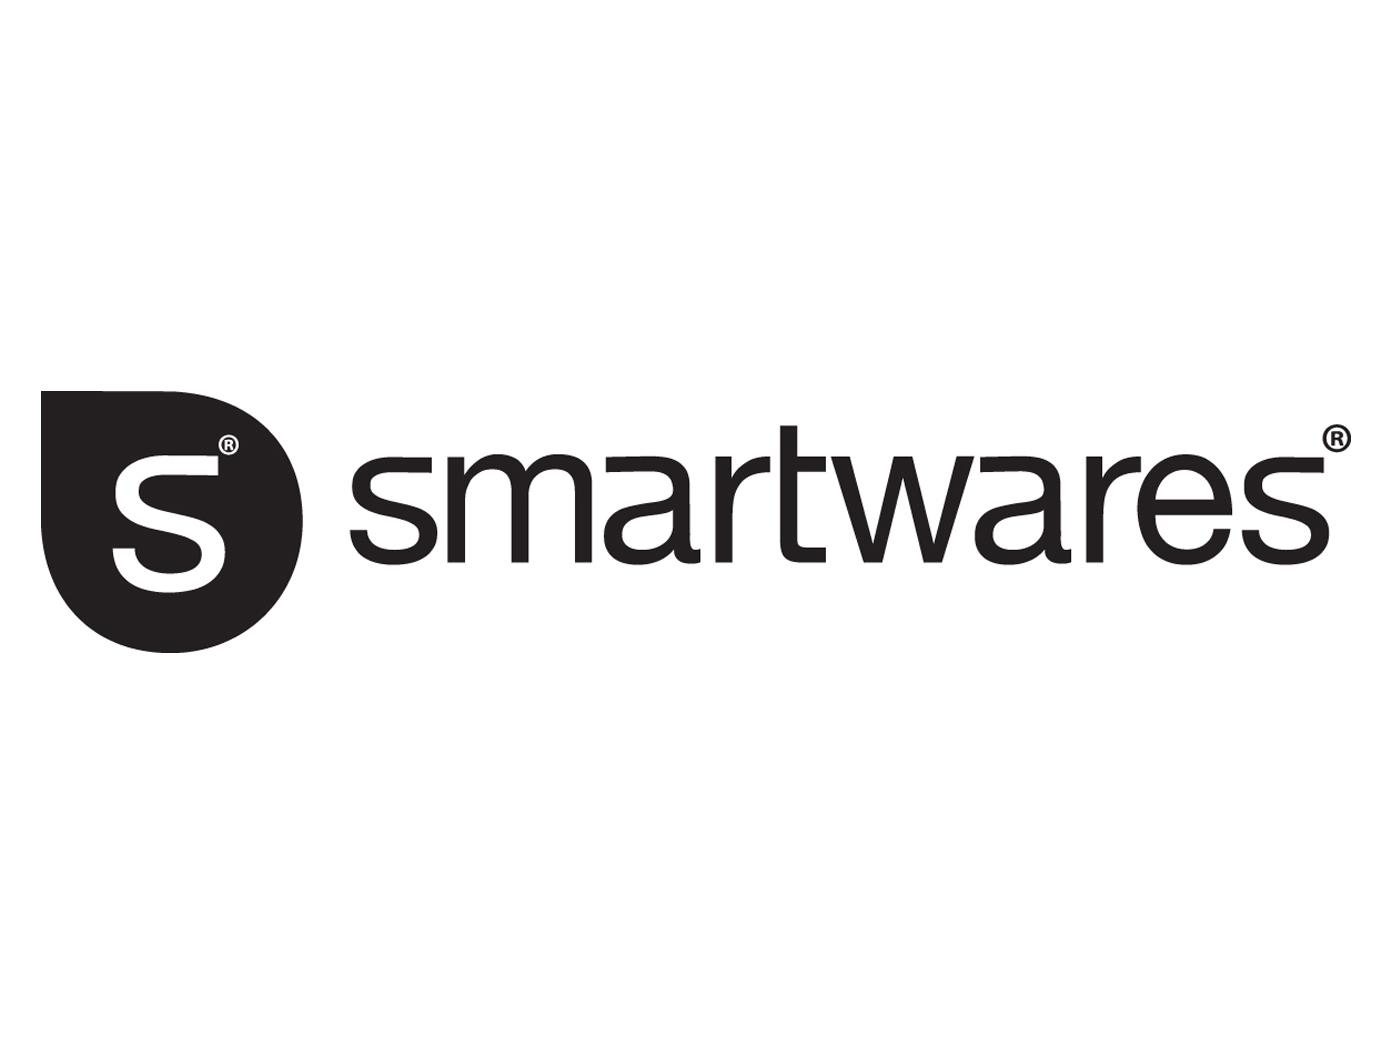 Smartwares Rauchwarnmelder Weiß TÜV zertifiziert - Brand Feuer Melder Alarm